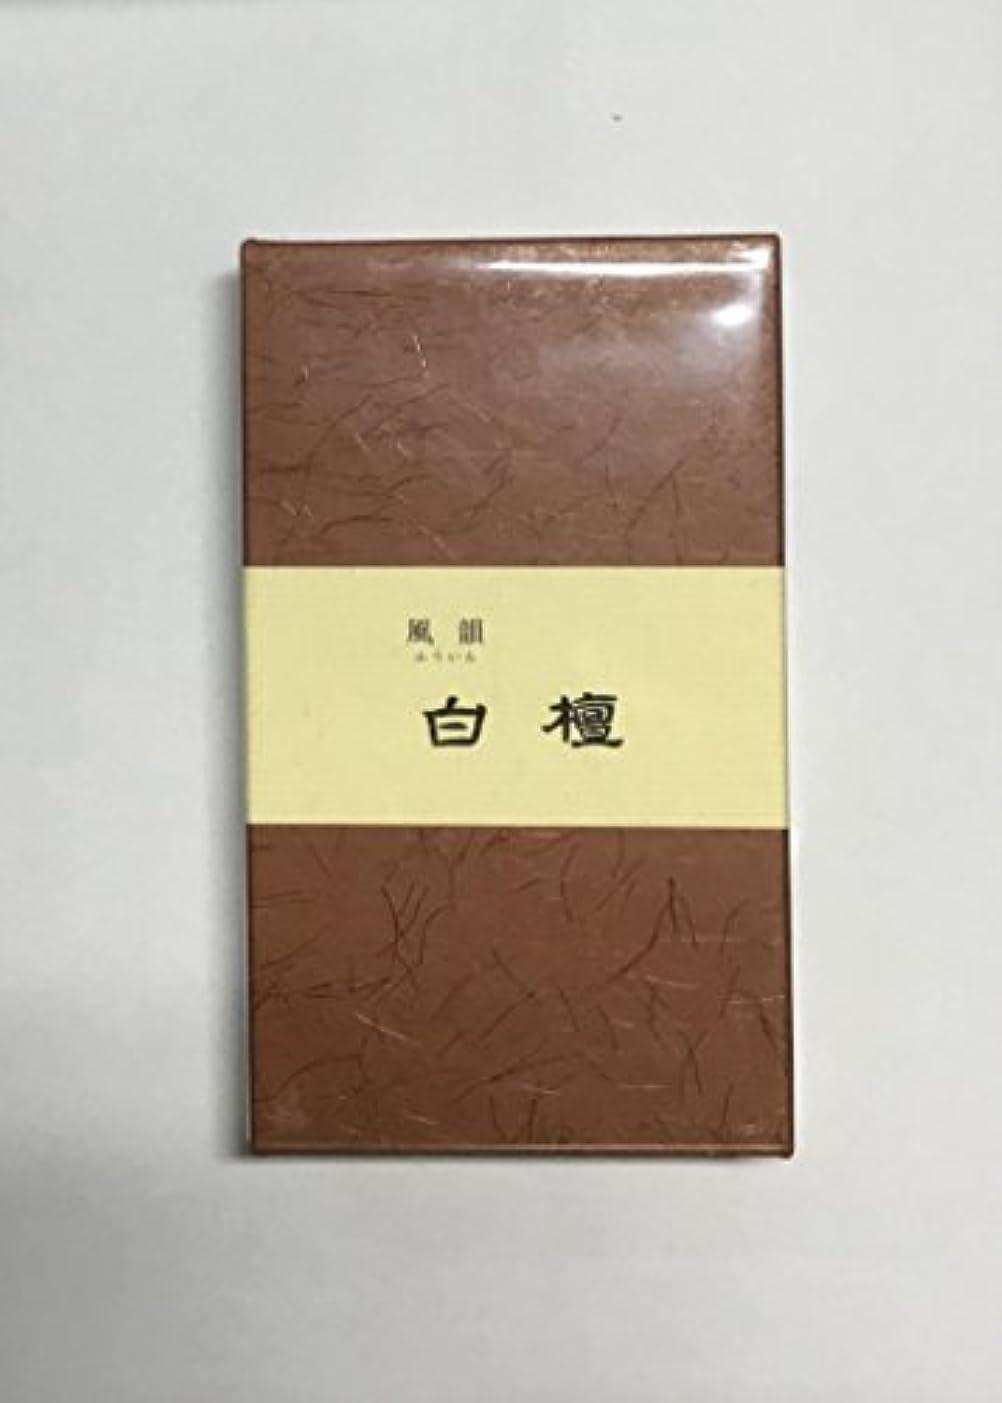 フィードオン公演漏れみのり苑 線香 風韻 白檀 短寸 天然香料 (100 グラム)